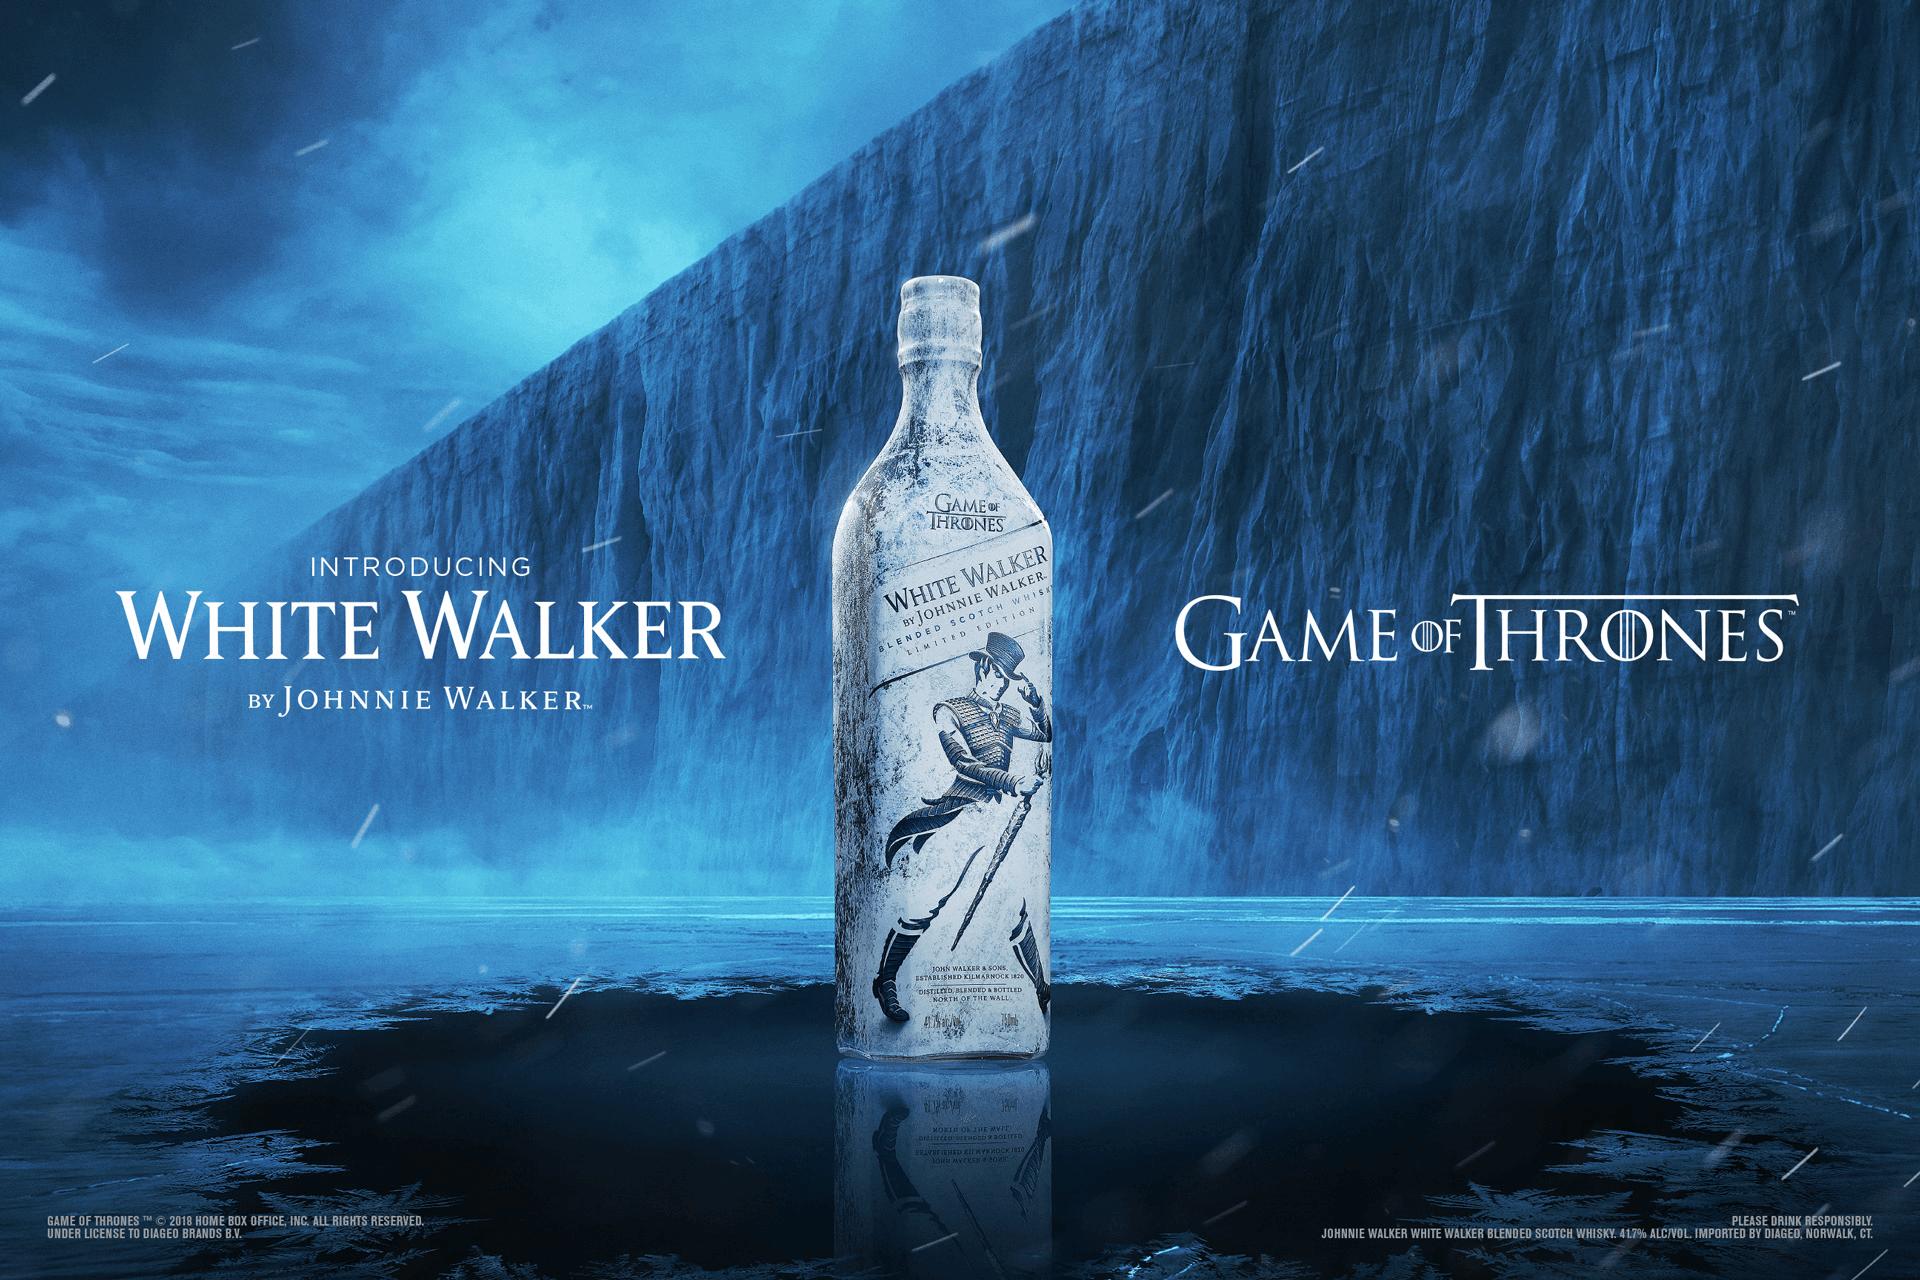 White Walker Johnnie Walker Scotch Whisky